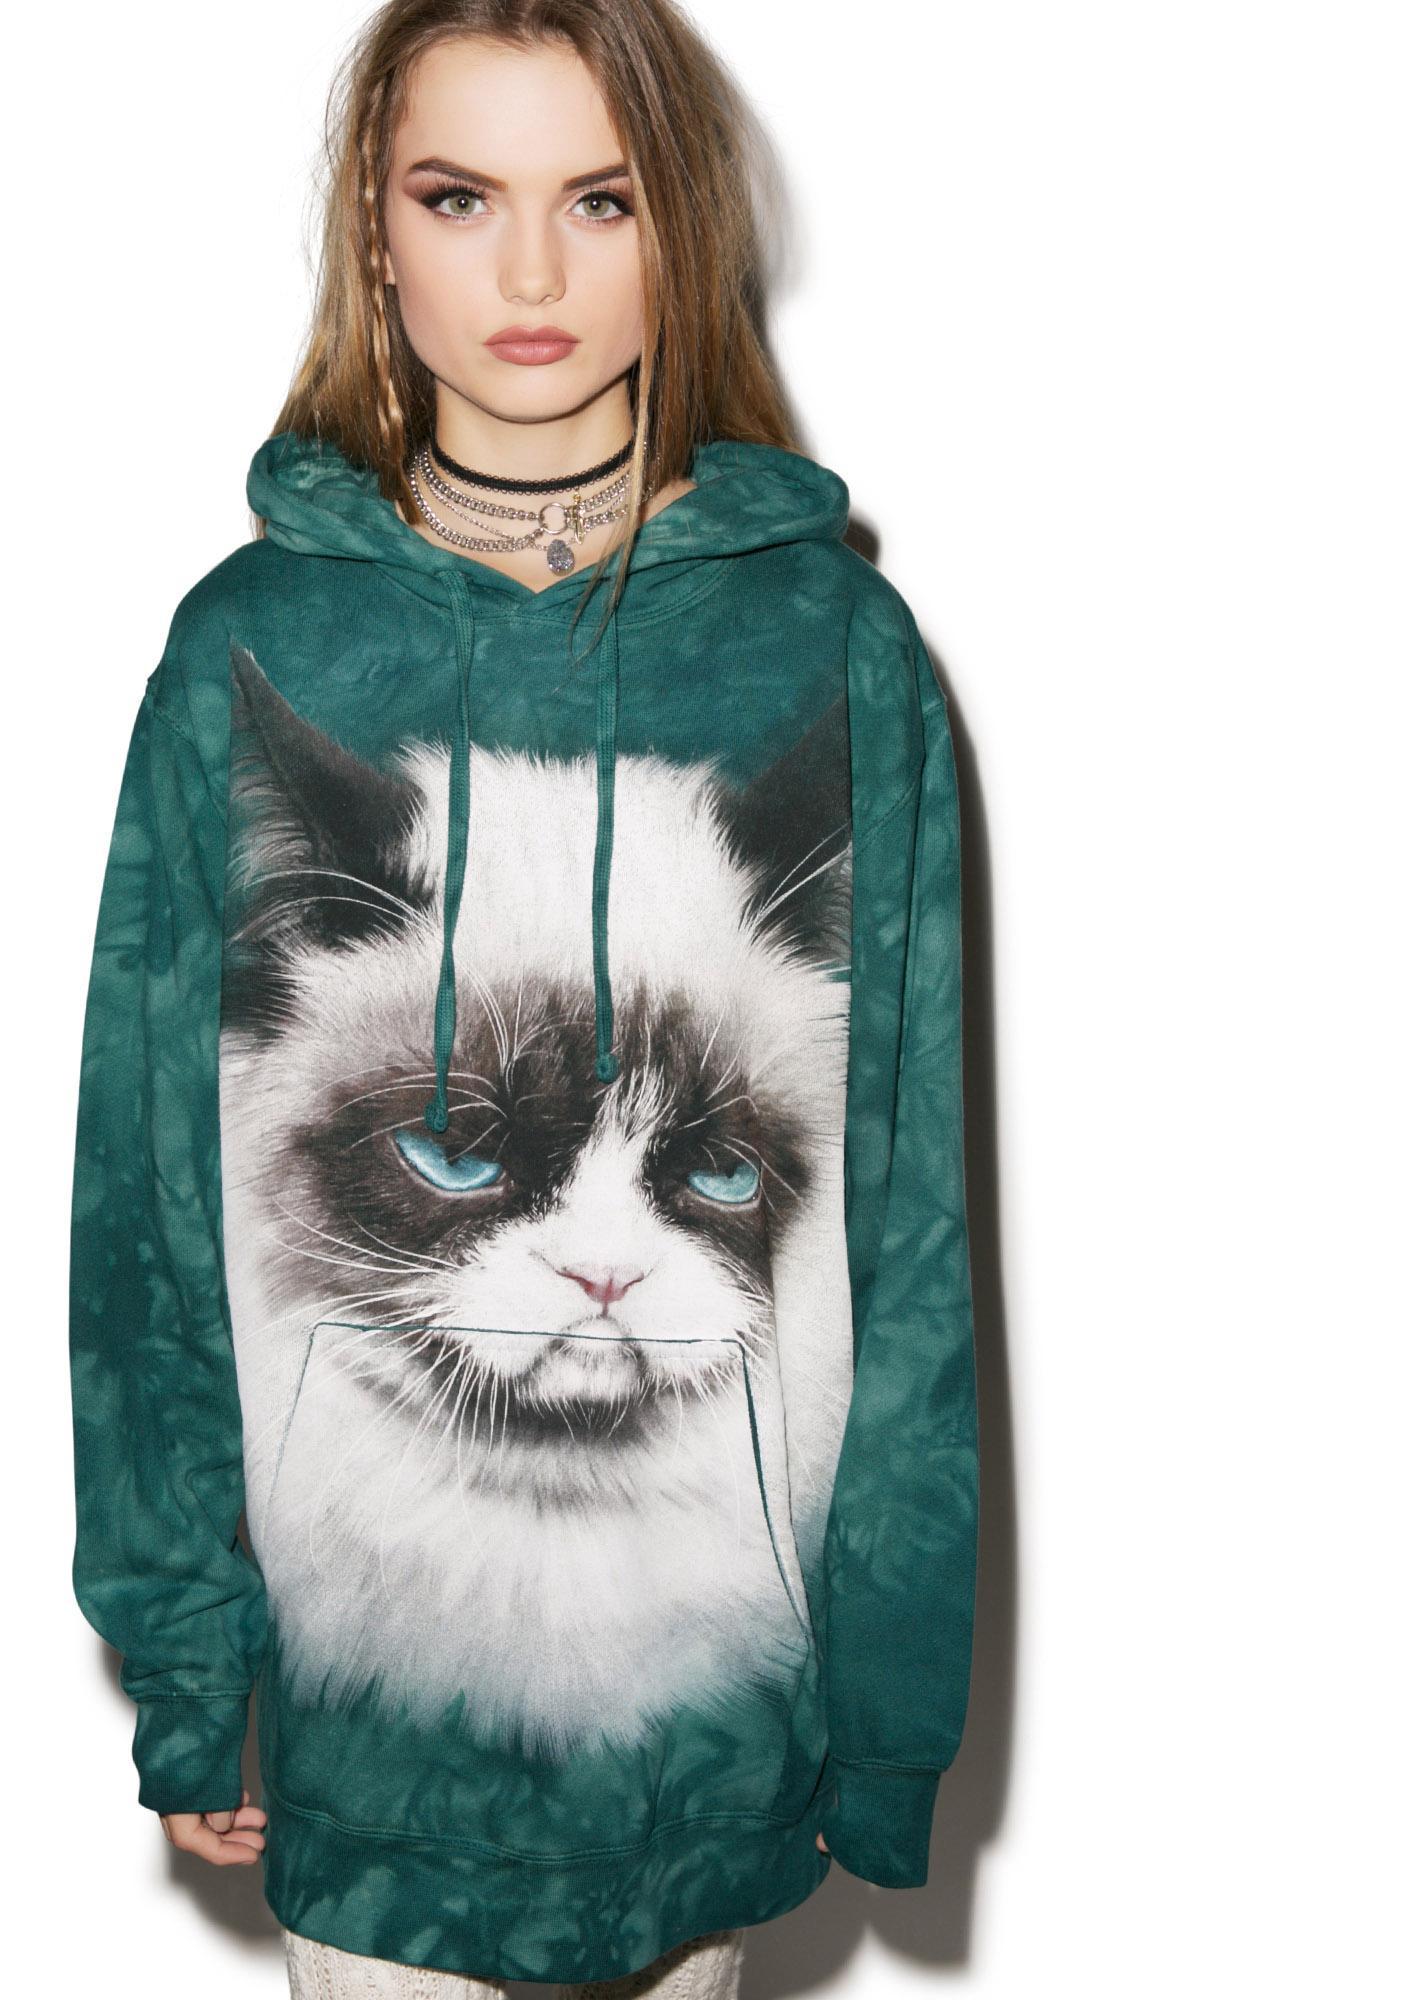 Grumpy Cat Hoodie